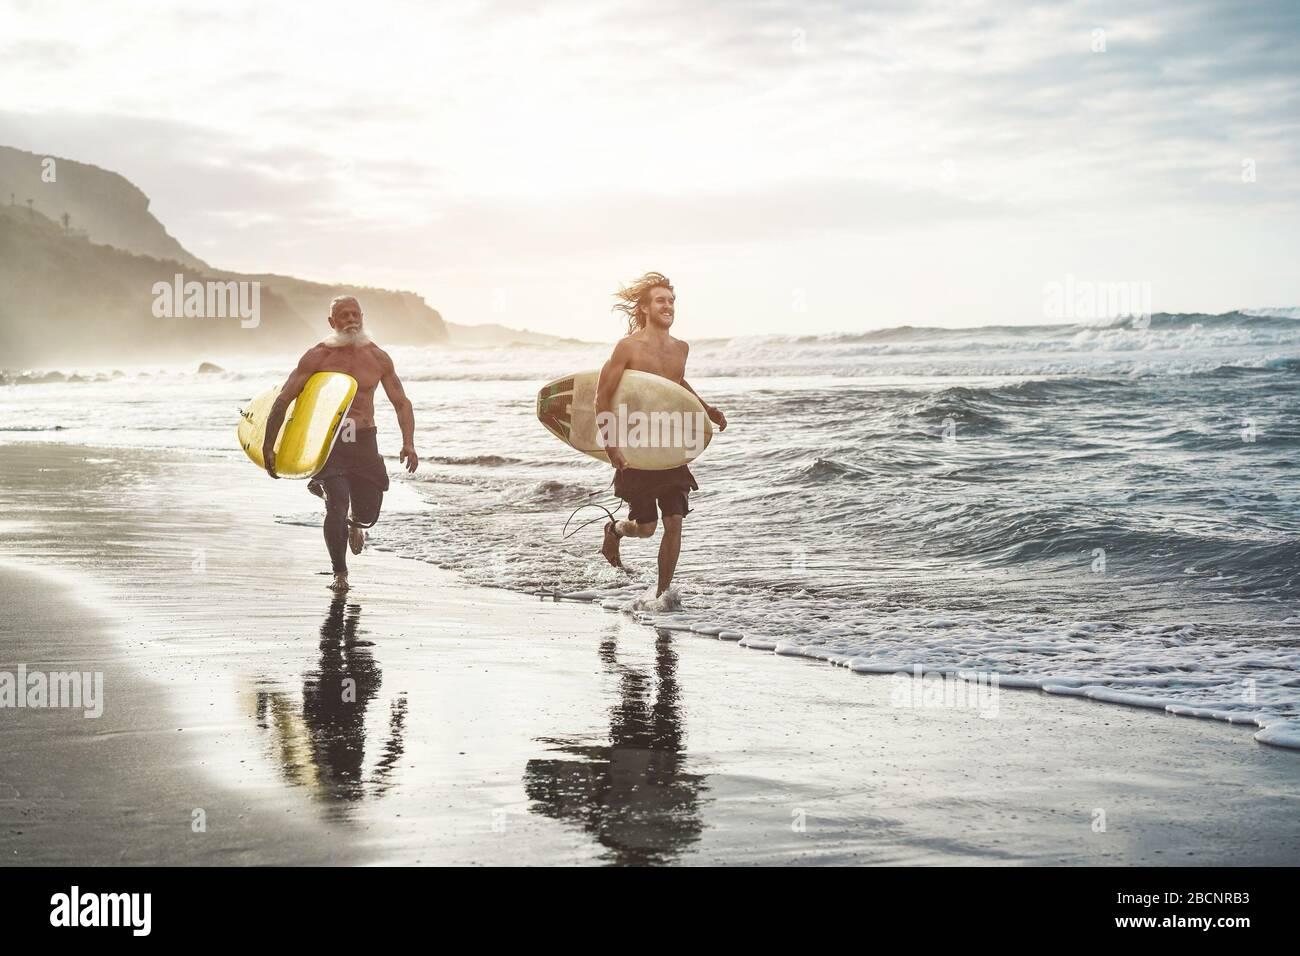 Des amis de plusieurs générations qui vont surfer sur la plage tropicale - des familles qui s'amusent à faire du sport extrême - des personnes âgées joyeuses et un concept de mode de vie sain Banque D'Images